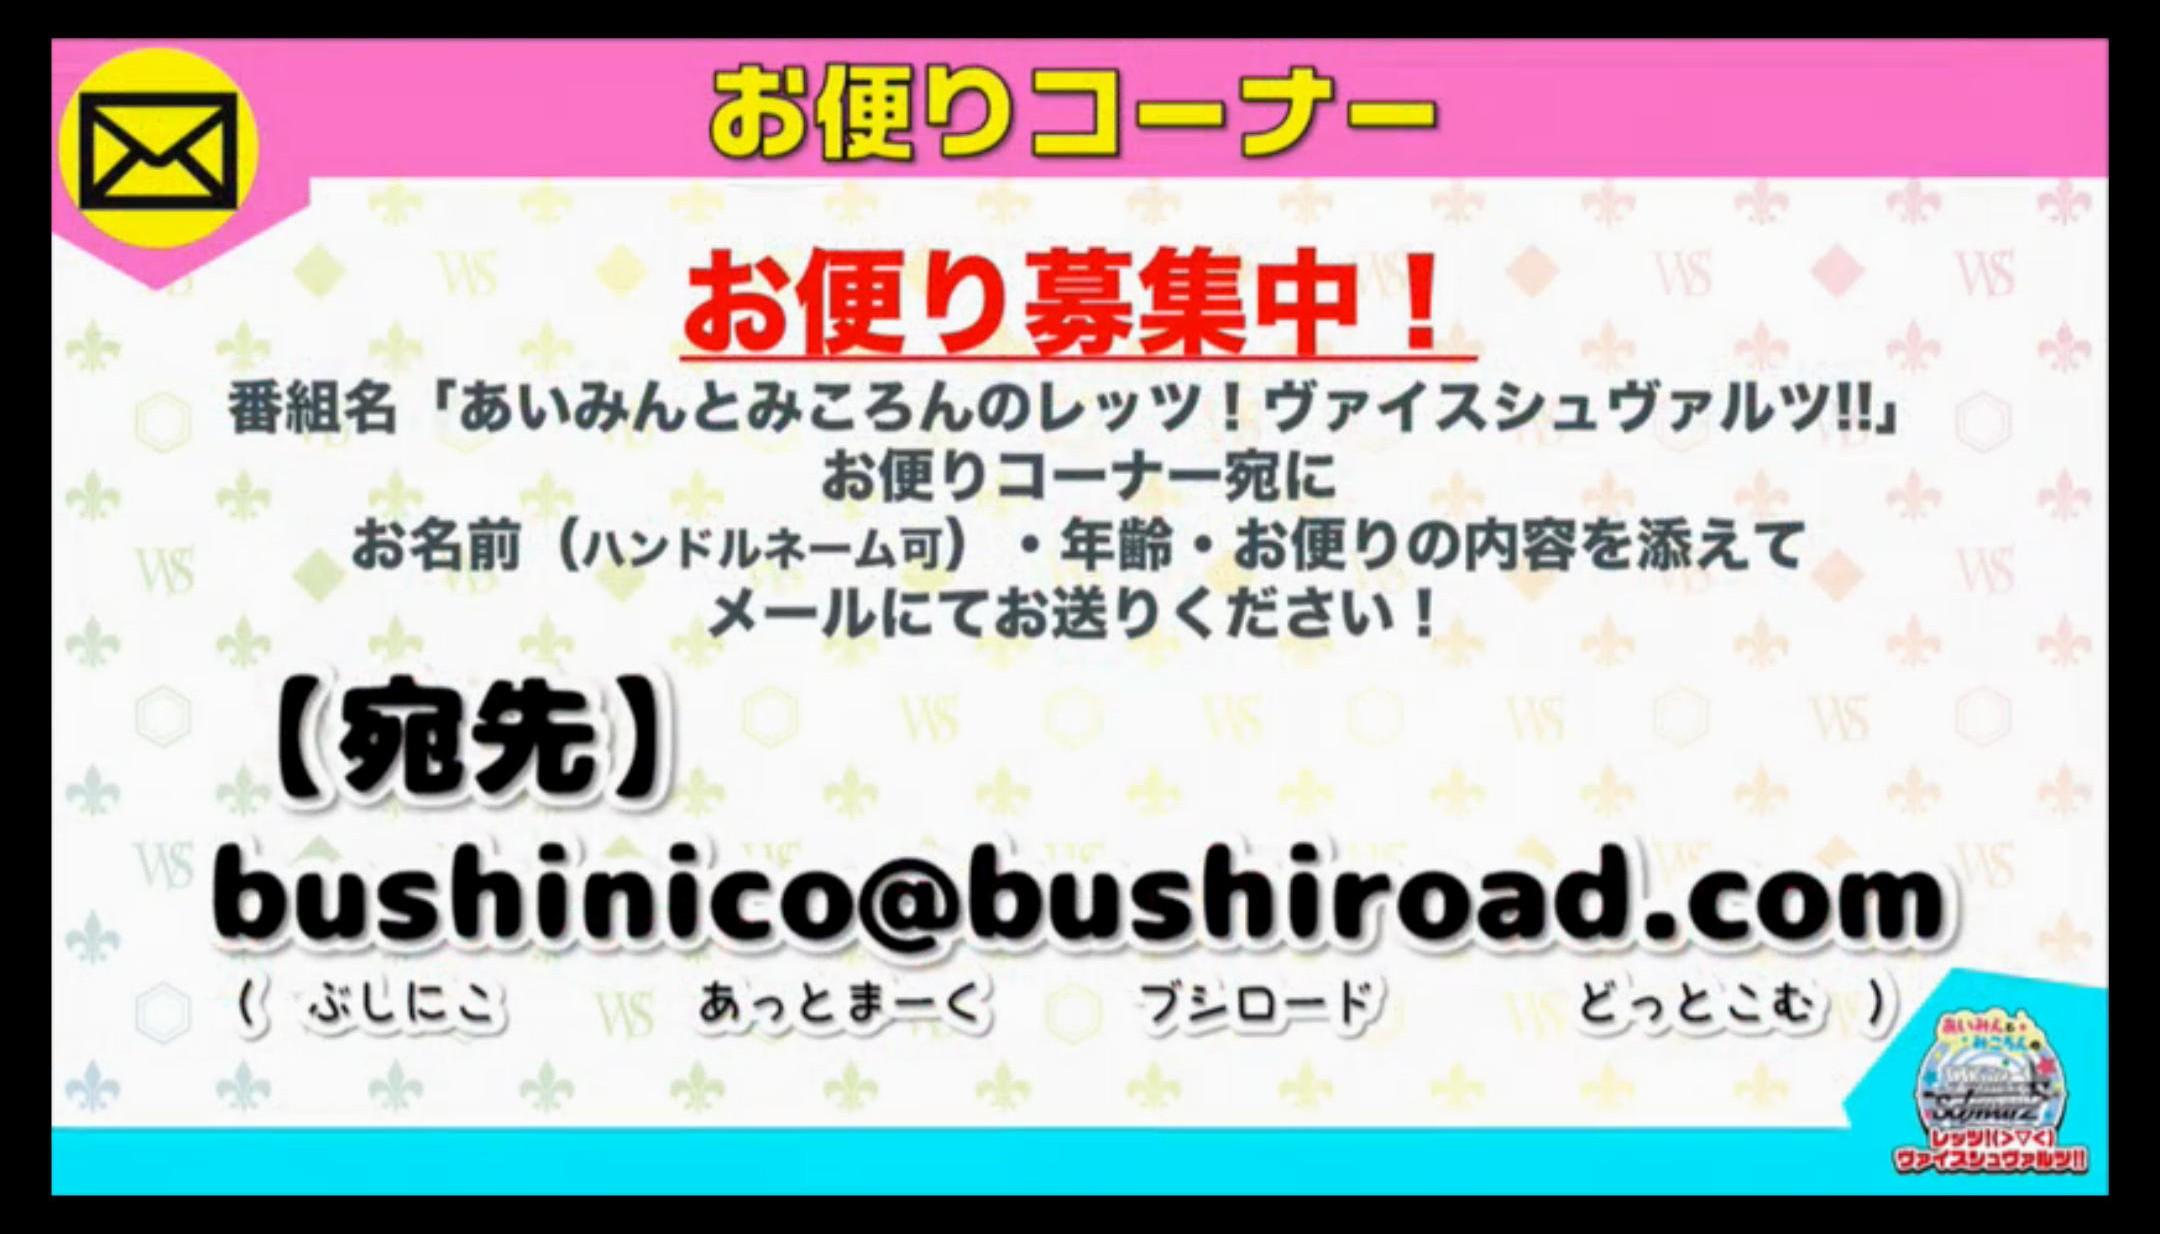 bshi-live-170609-001.jpg